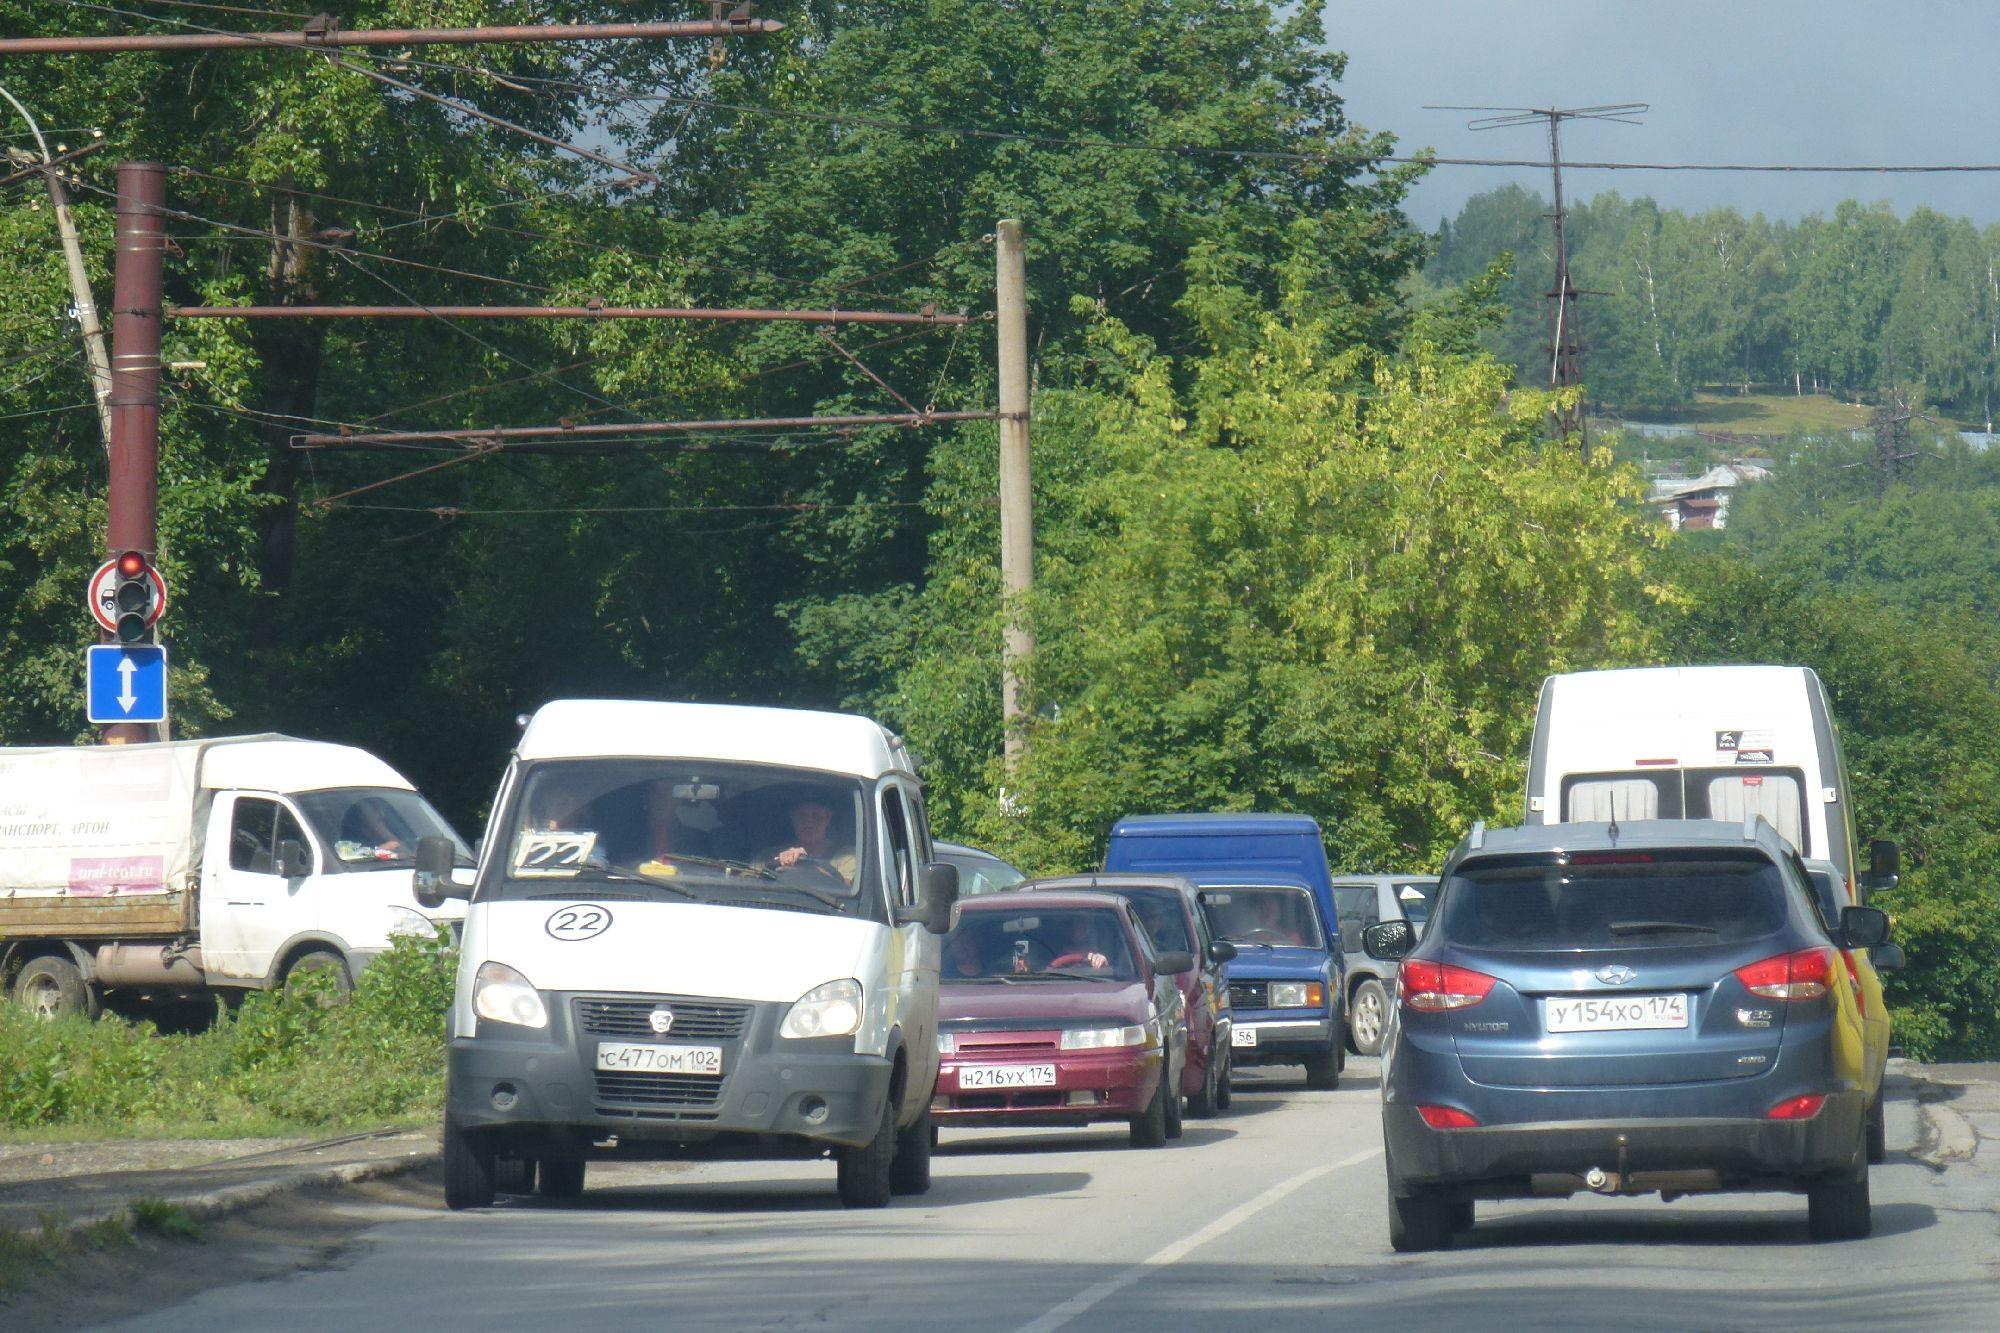 Налево - на Генераторную, направо - закрытая улица Кирова (Дорога угрожает упасть под косогор)